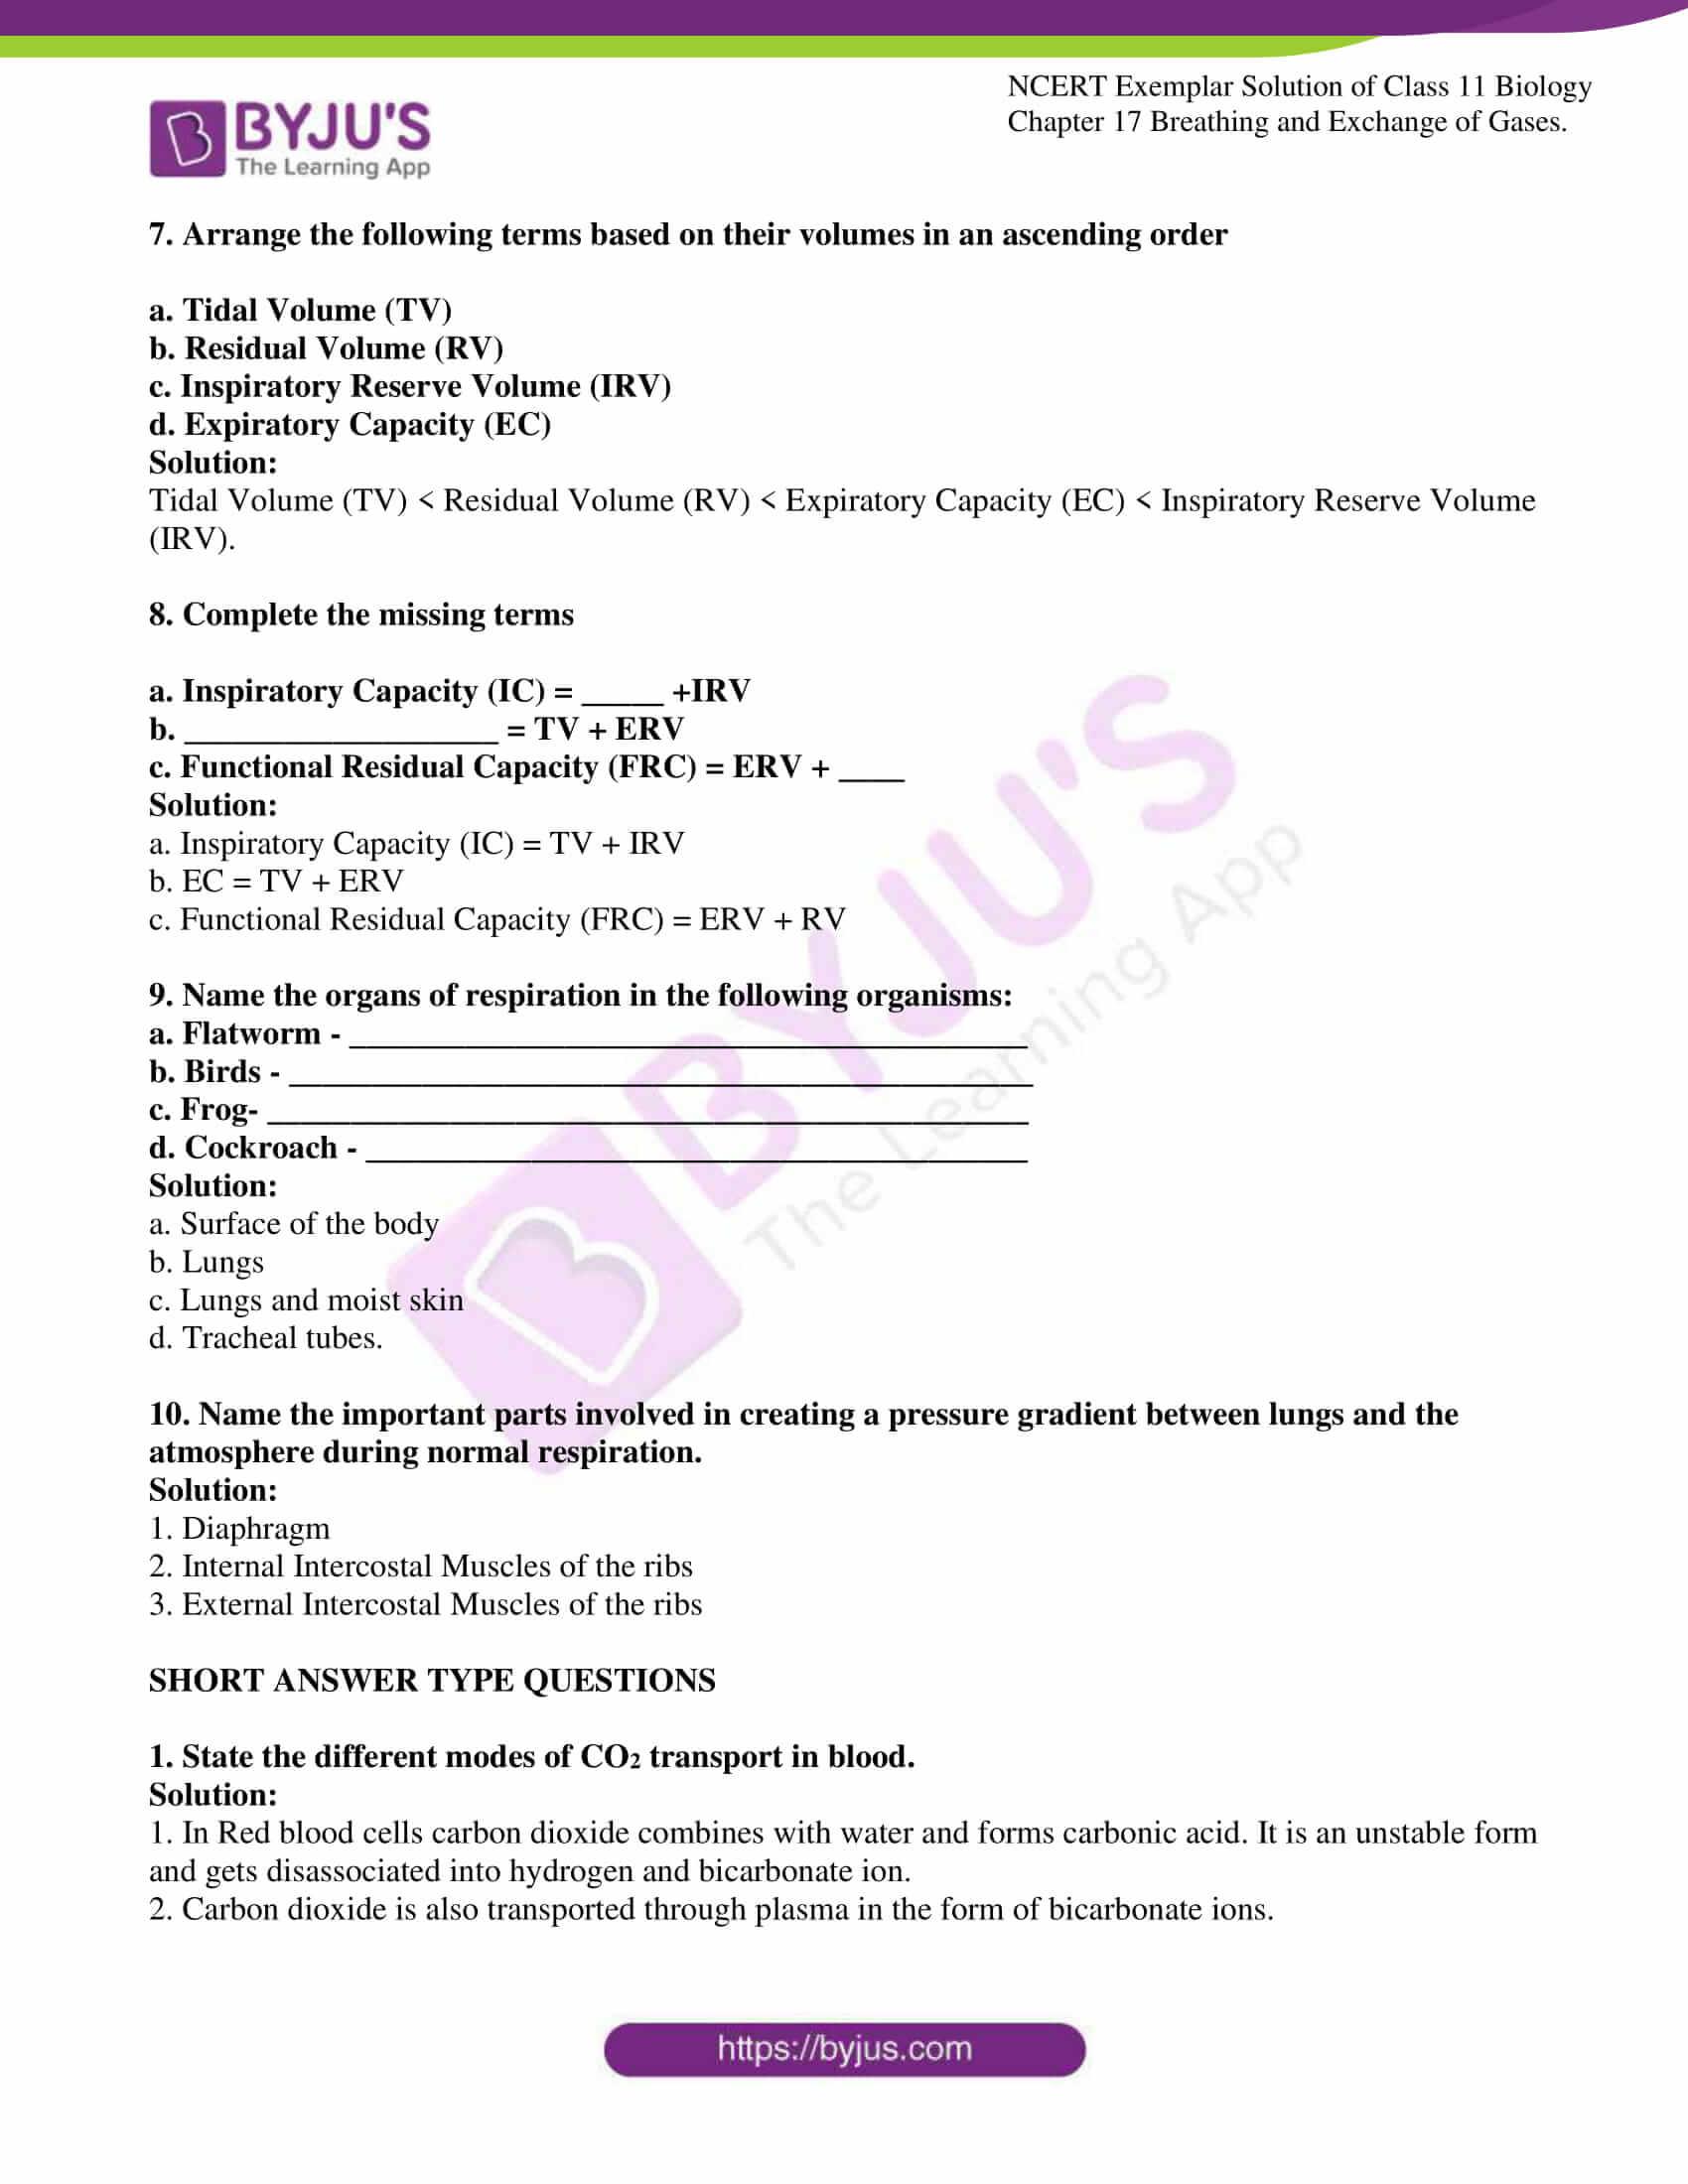 ncert exemplar solutions class 11 biology chapter 17 5